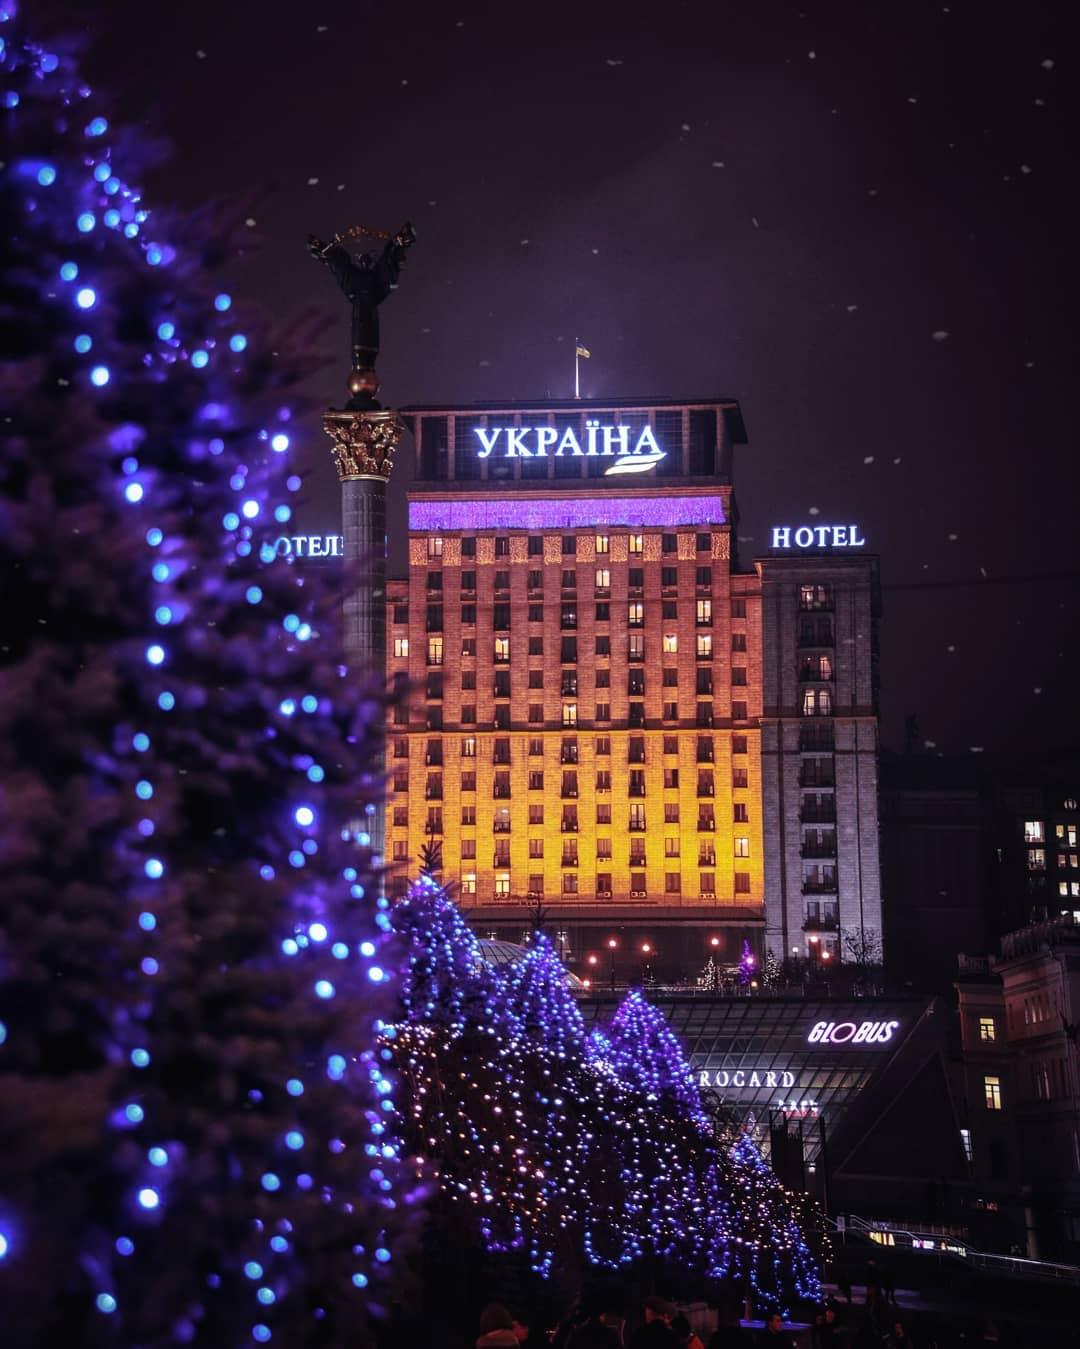 На самом деле для создания новогодней атмосферы достаточно правильной подсветки. Фото - @istetsen